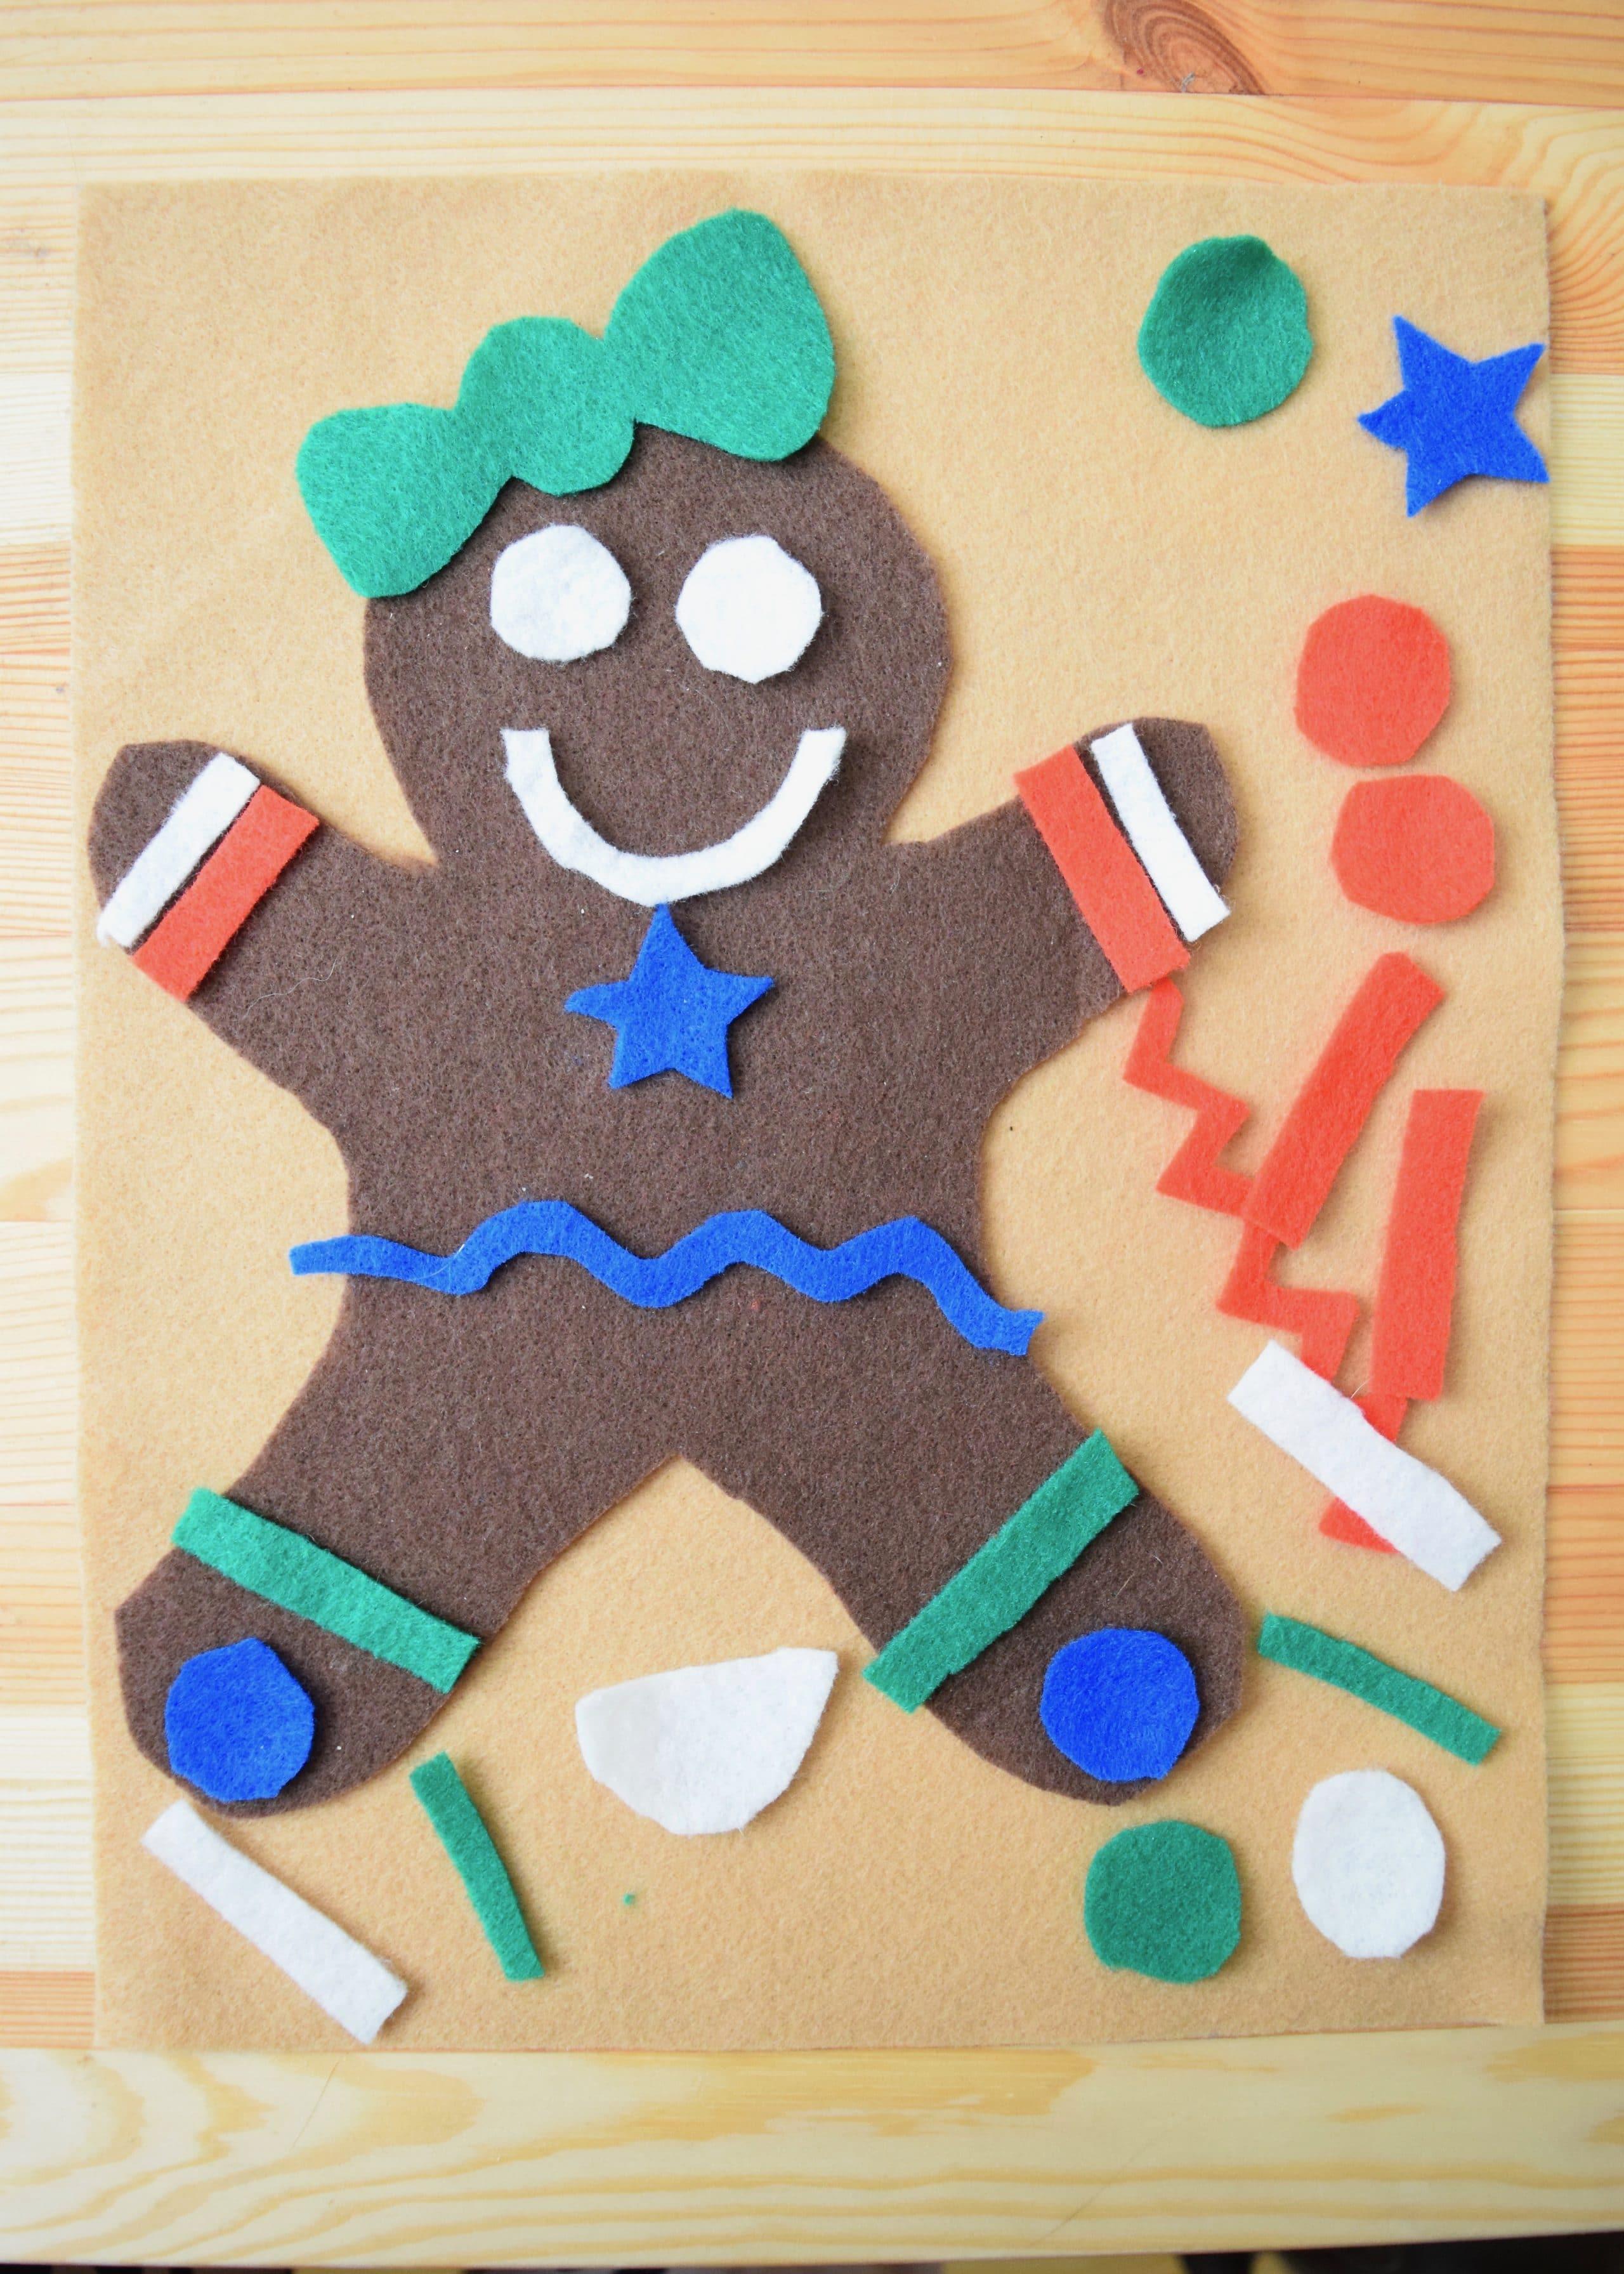 Felt Gingerbread Men